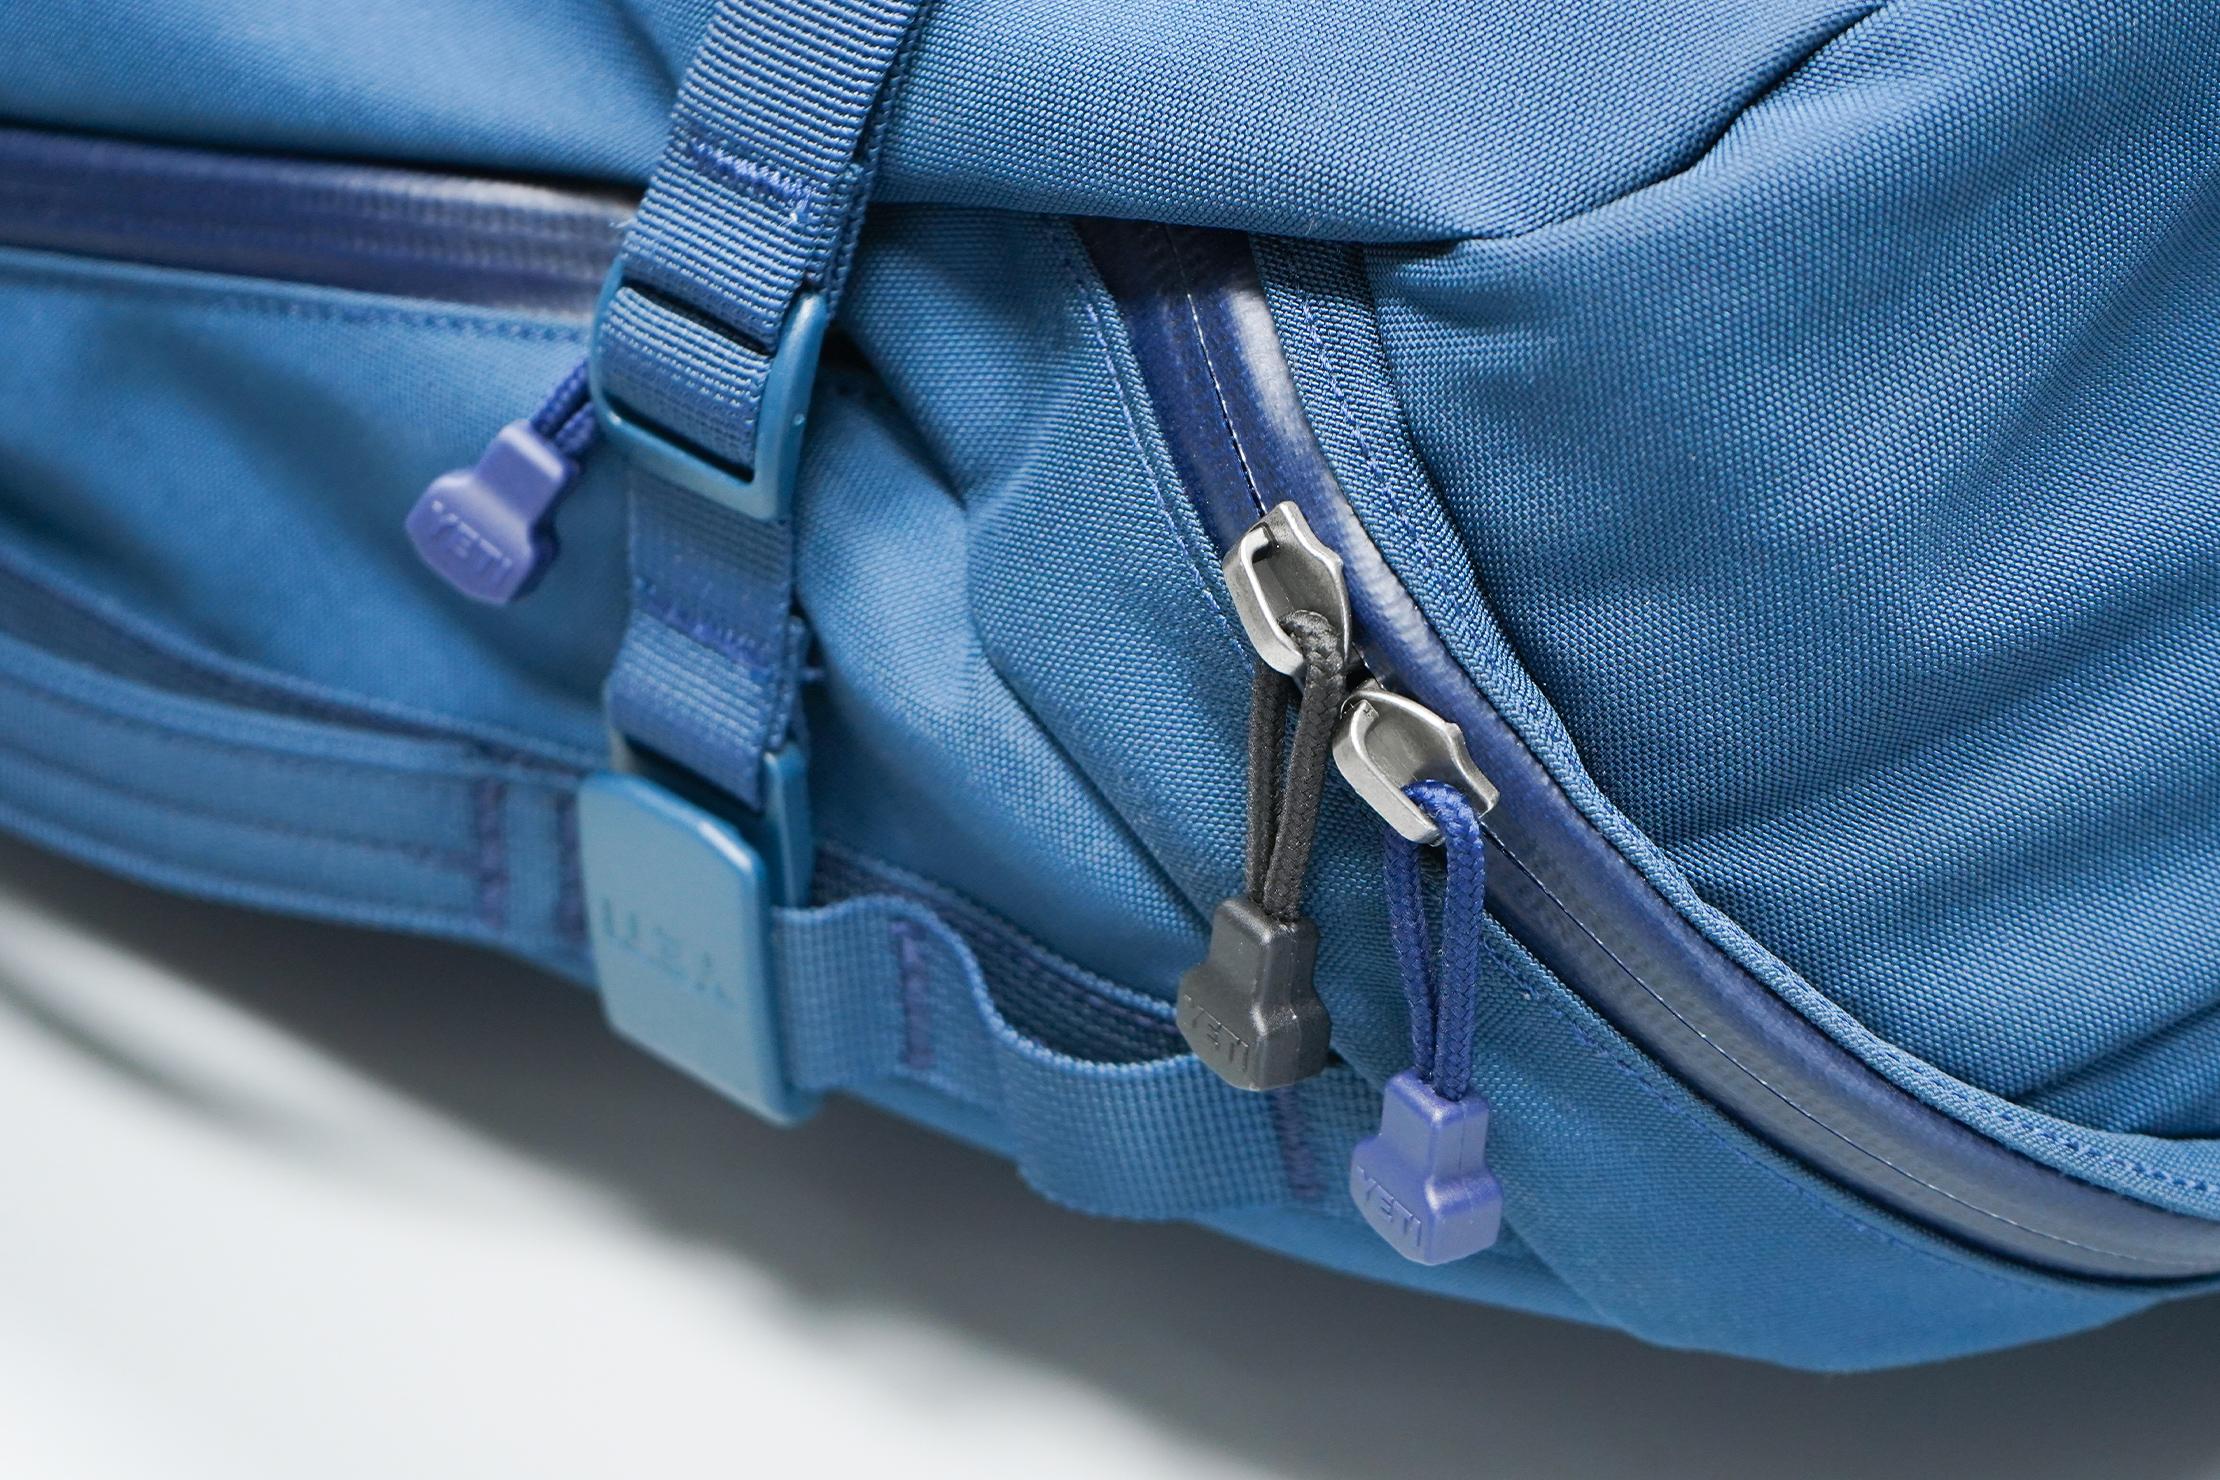 YETI Crossroads 22L Backpack | Backpack Zippers